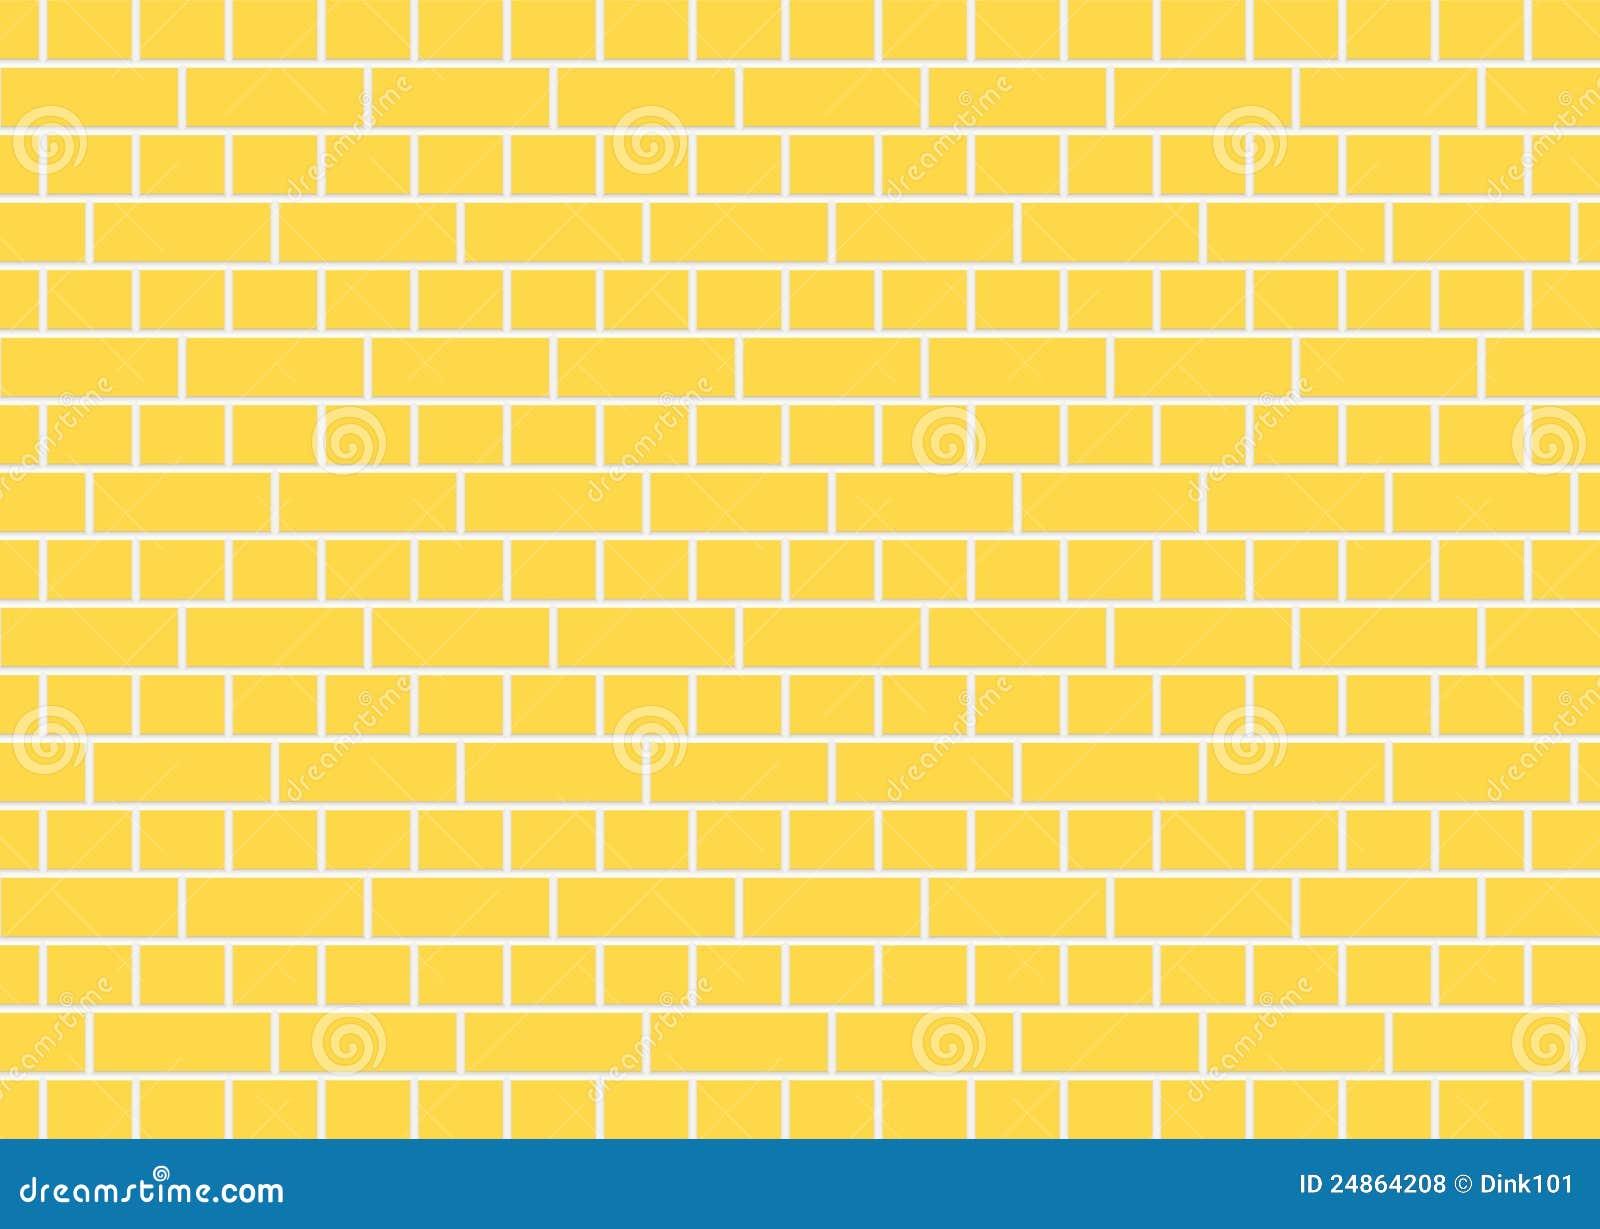 Yellow brick wall stock illustration. Illustration of texture - 24864208